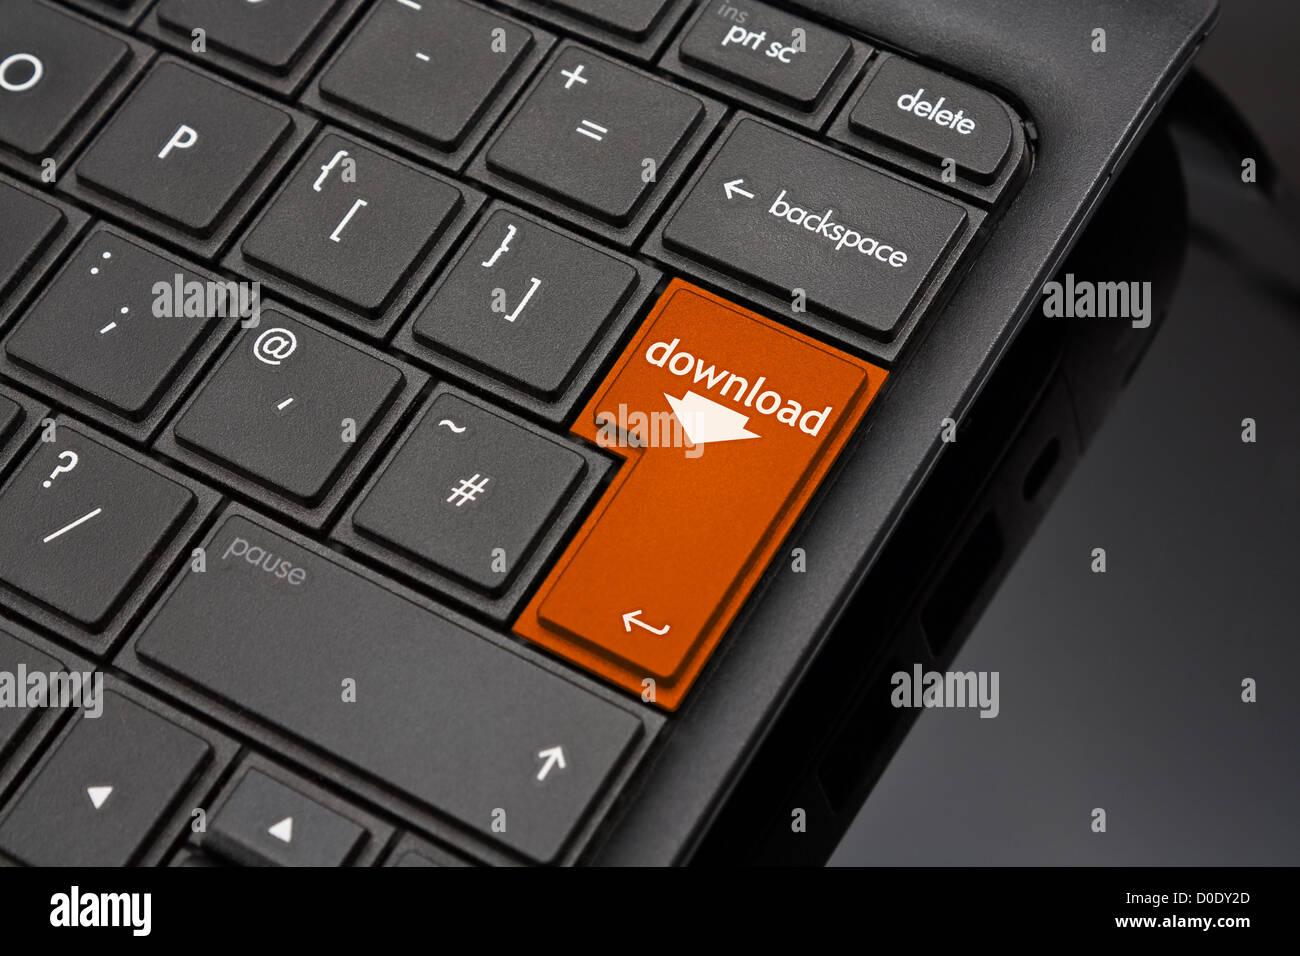 Descargar tecla retorno simbolizando la descarga de un documento o archivo desde Internet Imagen De Stock